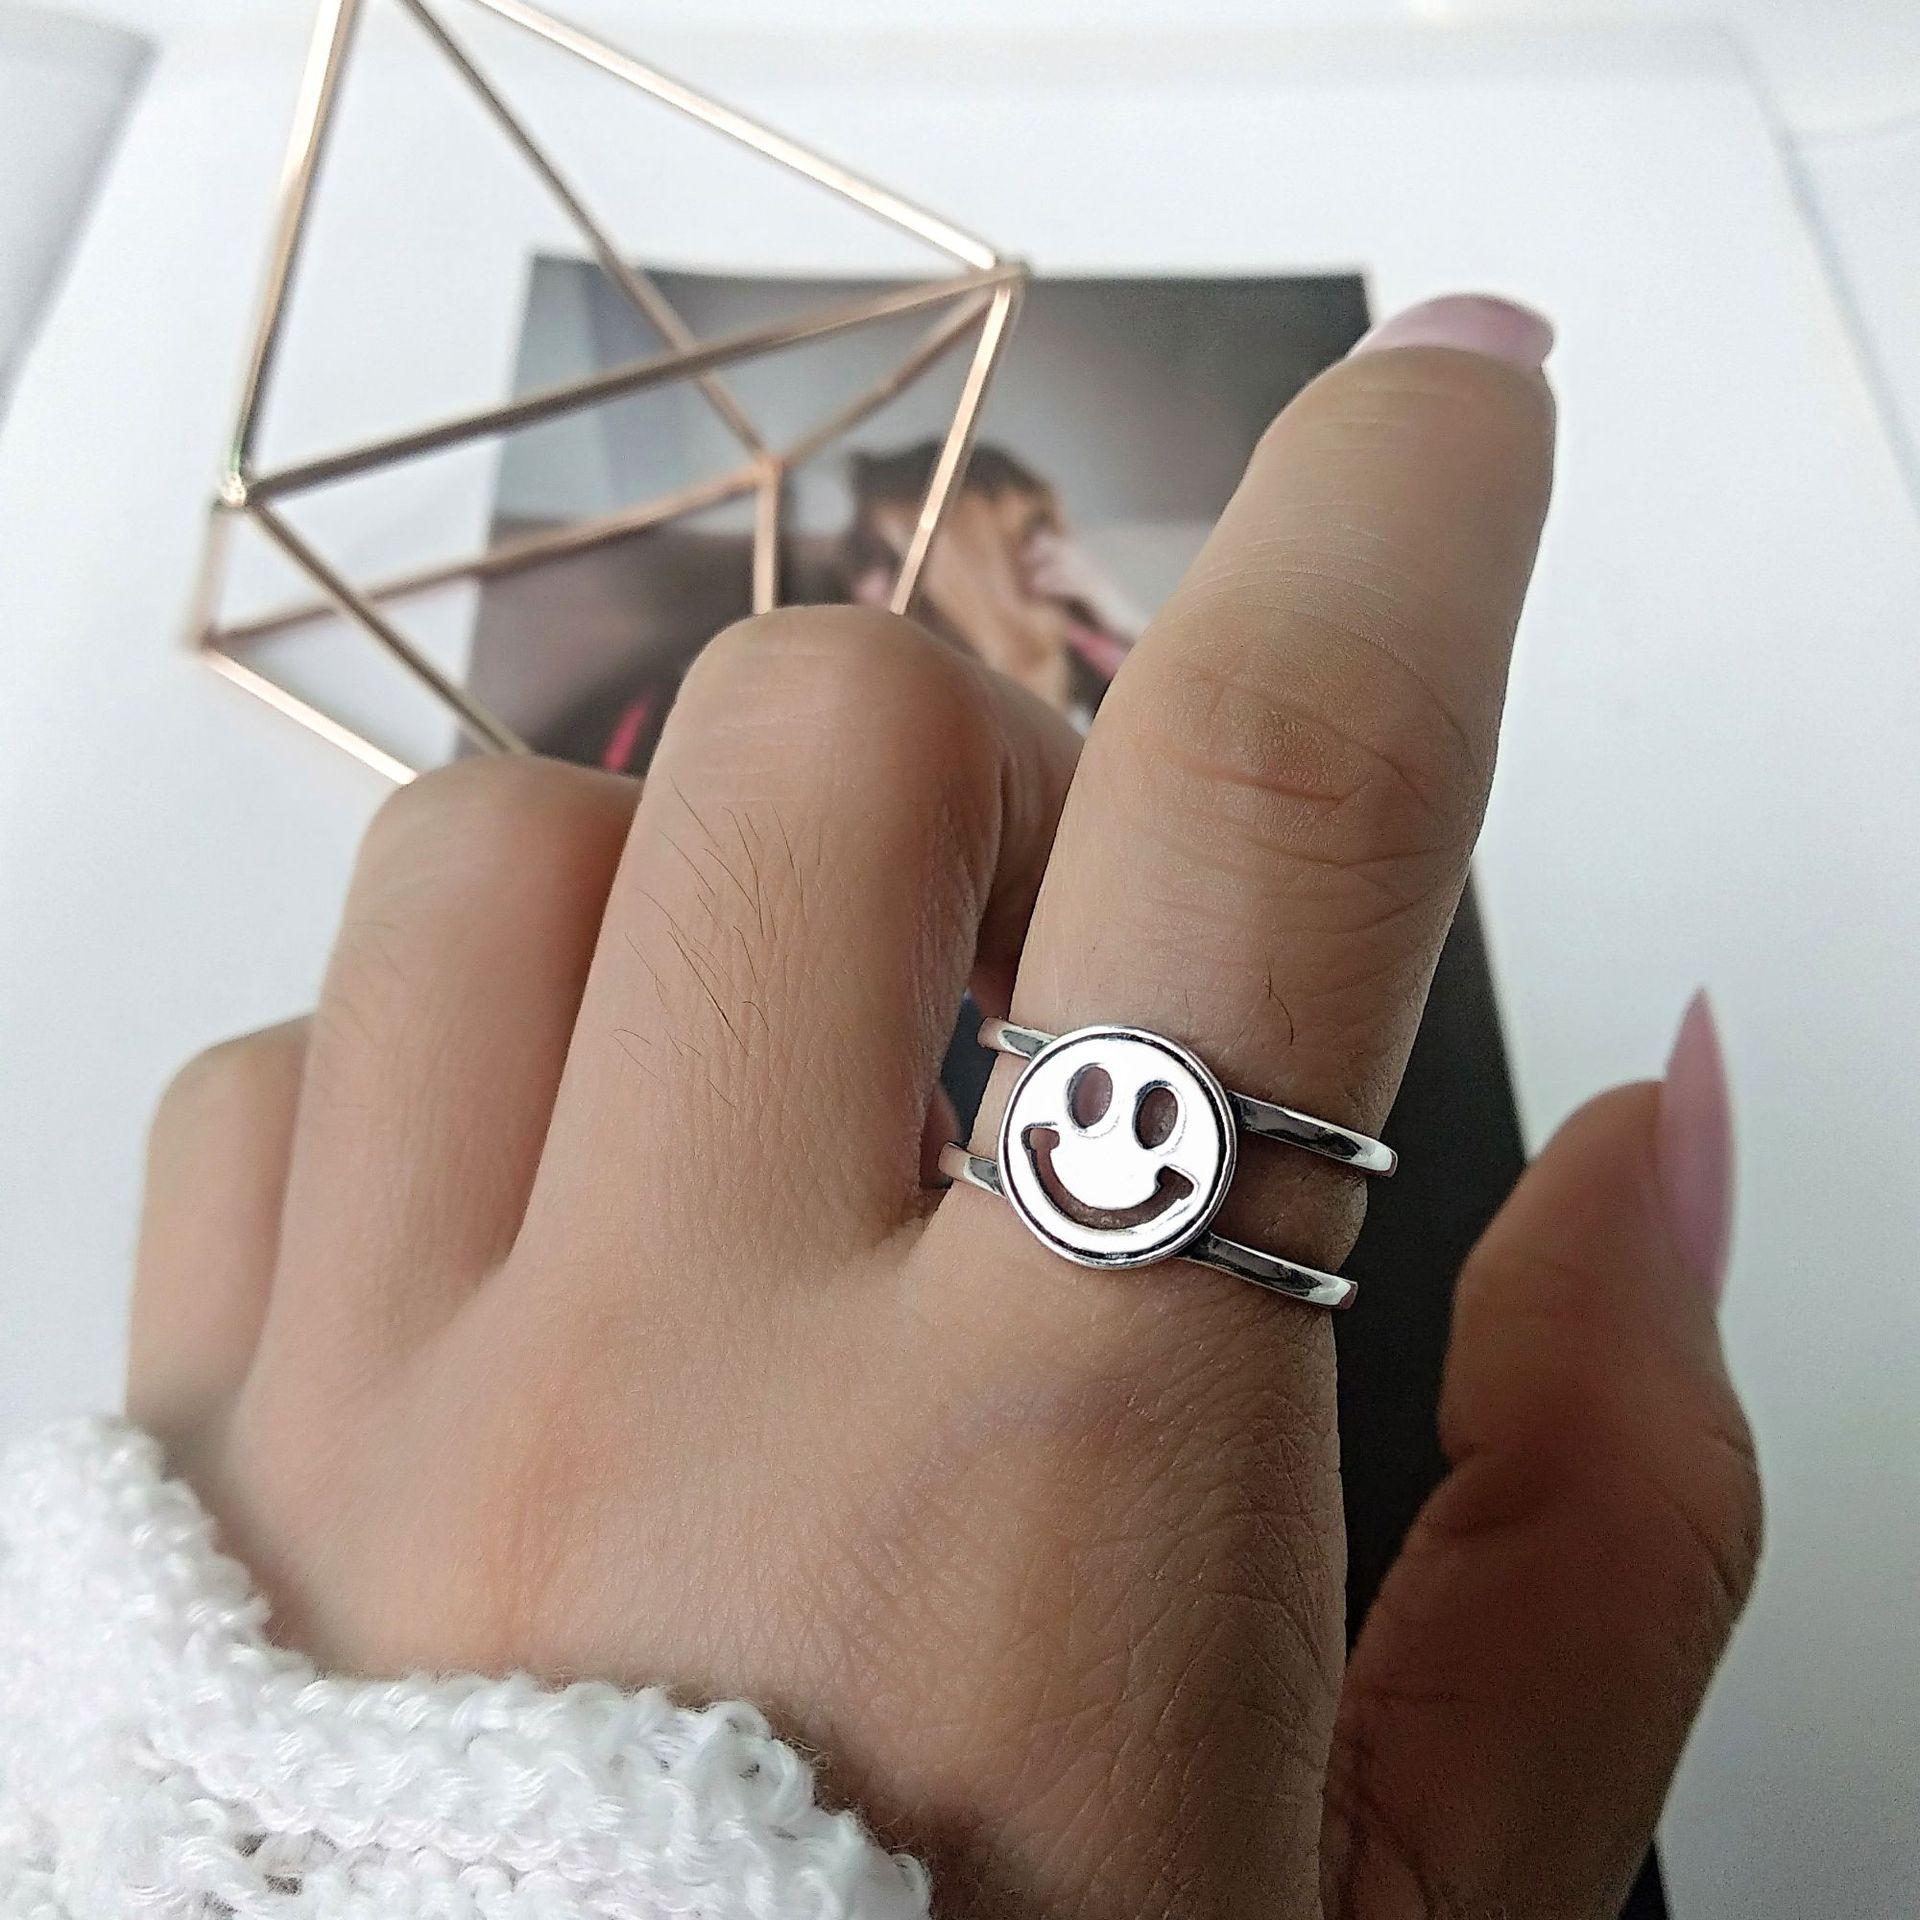 Новинка-модное-обручальное-кольцо-из-нержавеющей-стали-с-покрытием-без-потускнения-со-смайликом-милое-Золотое-кольцо-с-позитивной-улыбко